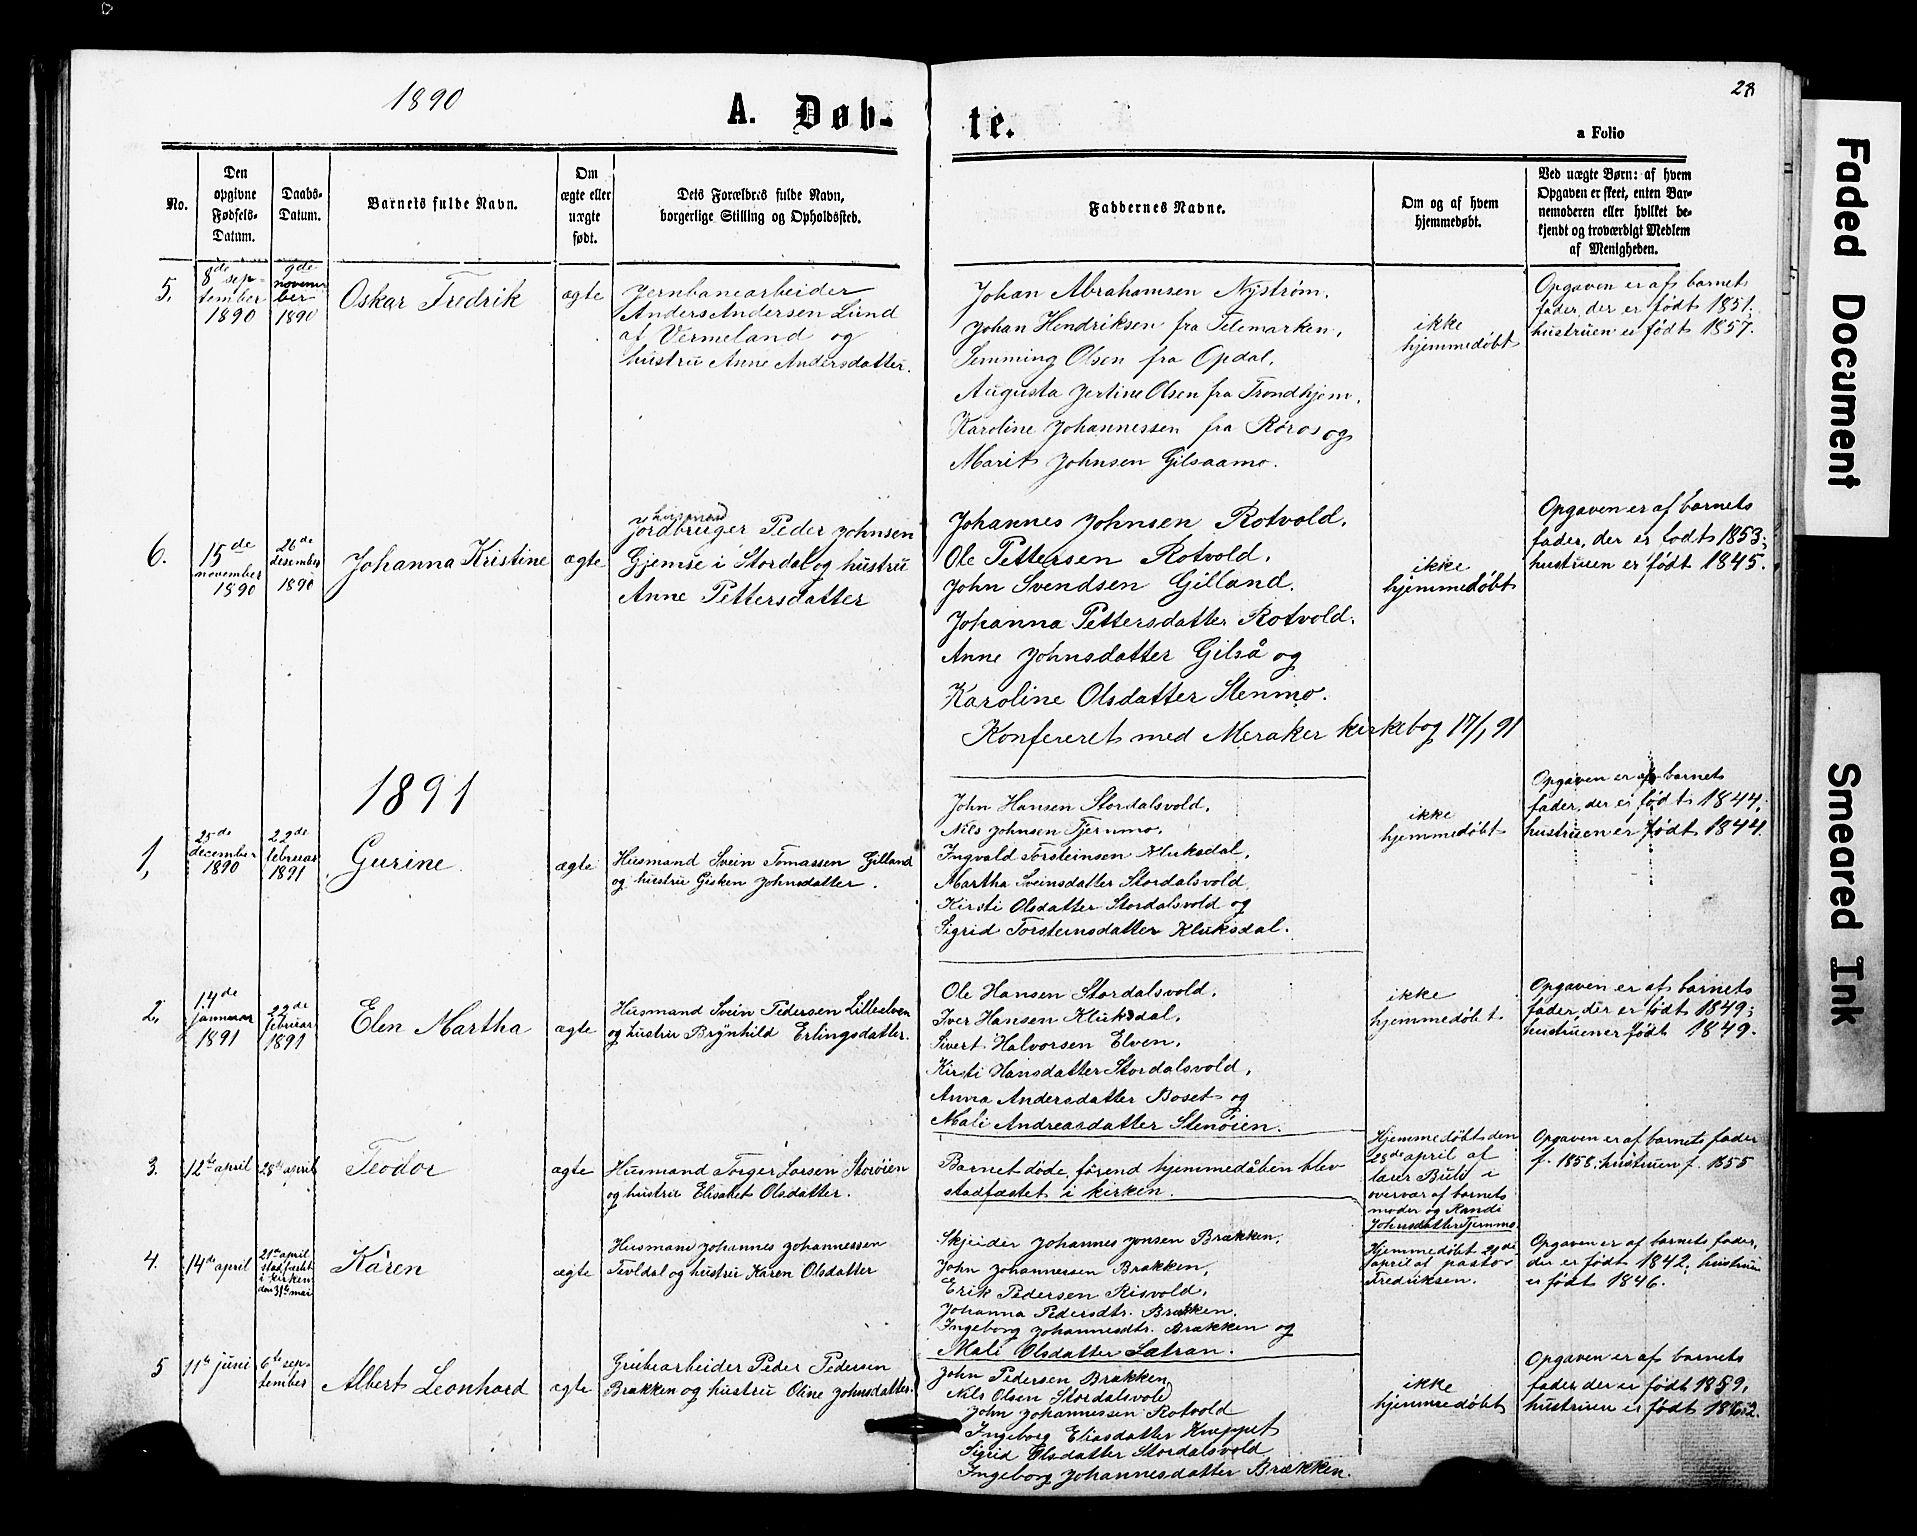 SAT, Ministerialprotokoller, klokkerbøker og fødselsregistre - Nord-Trøndelag, 707/L0052: Klokkerbok nr. 707C01, 1864-1897, s. 28